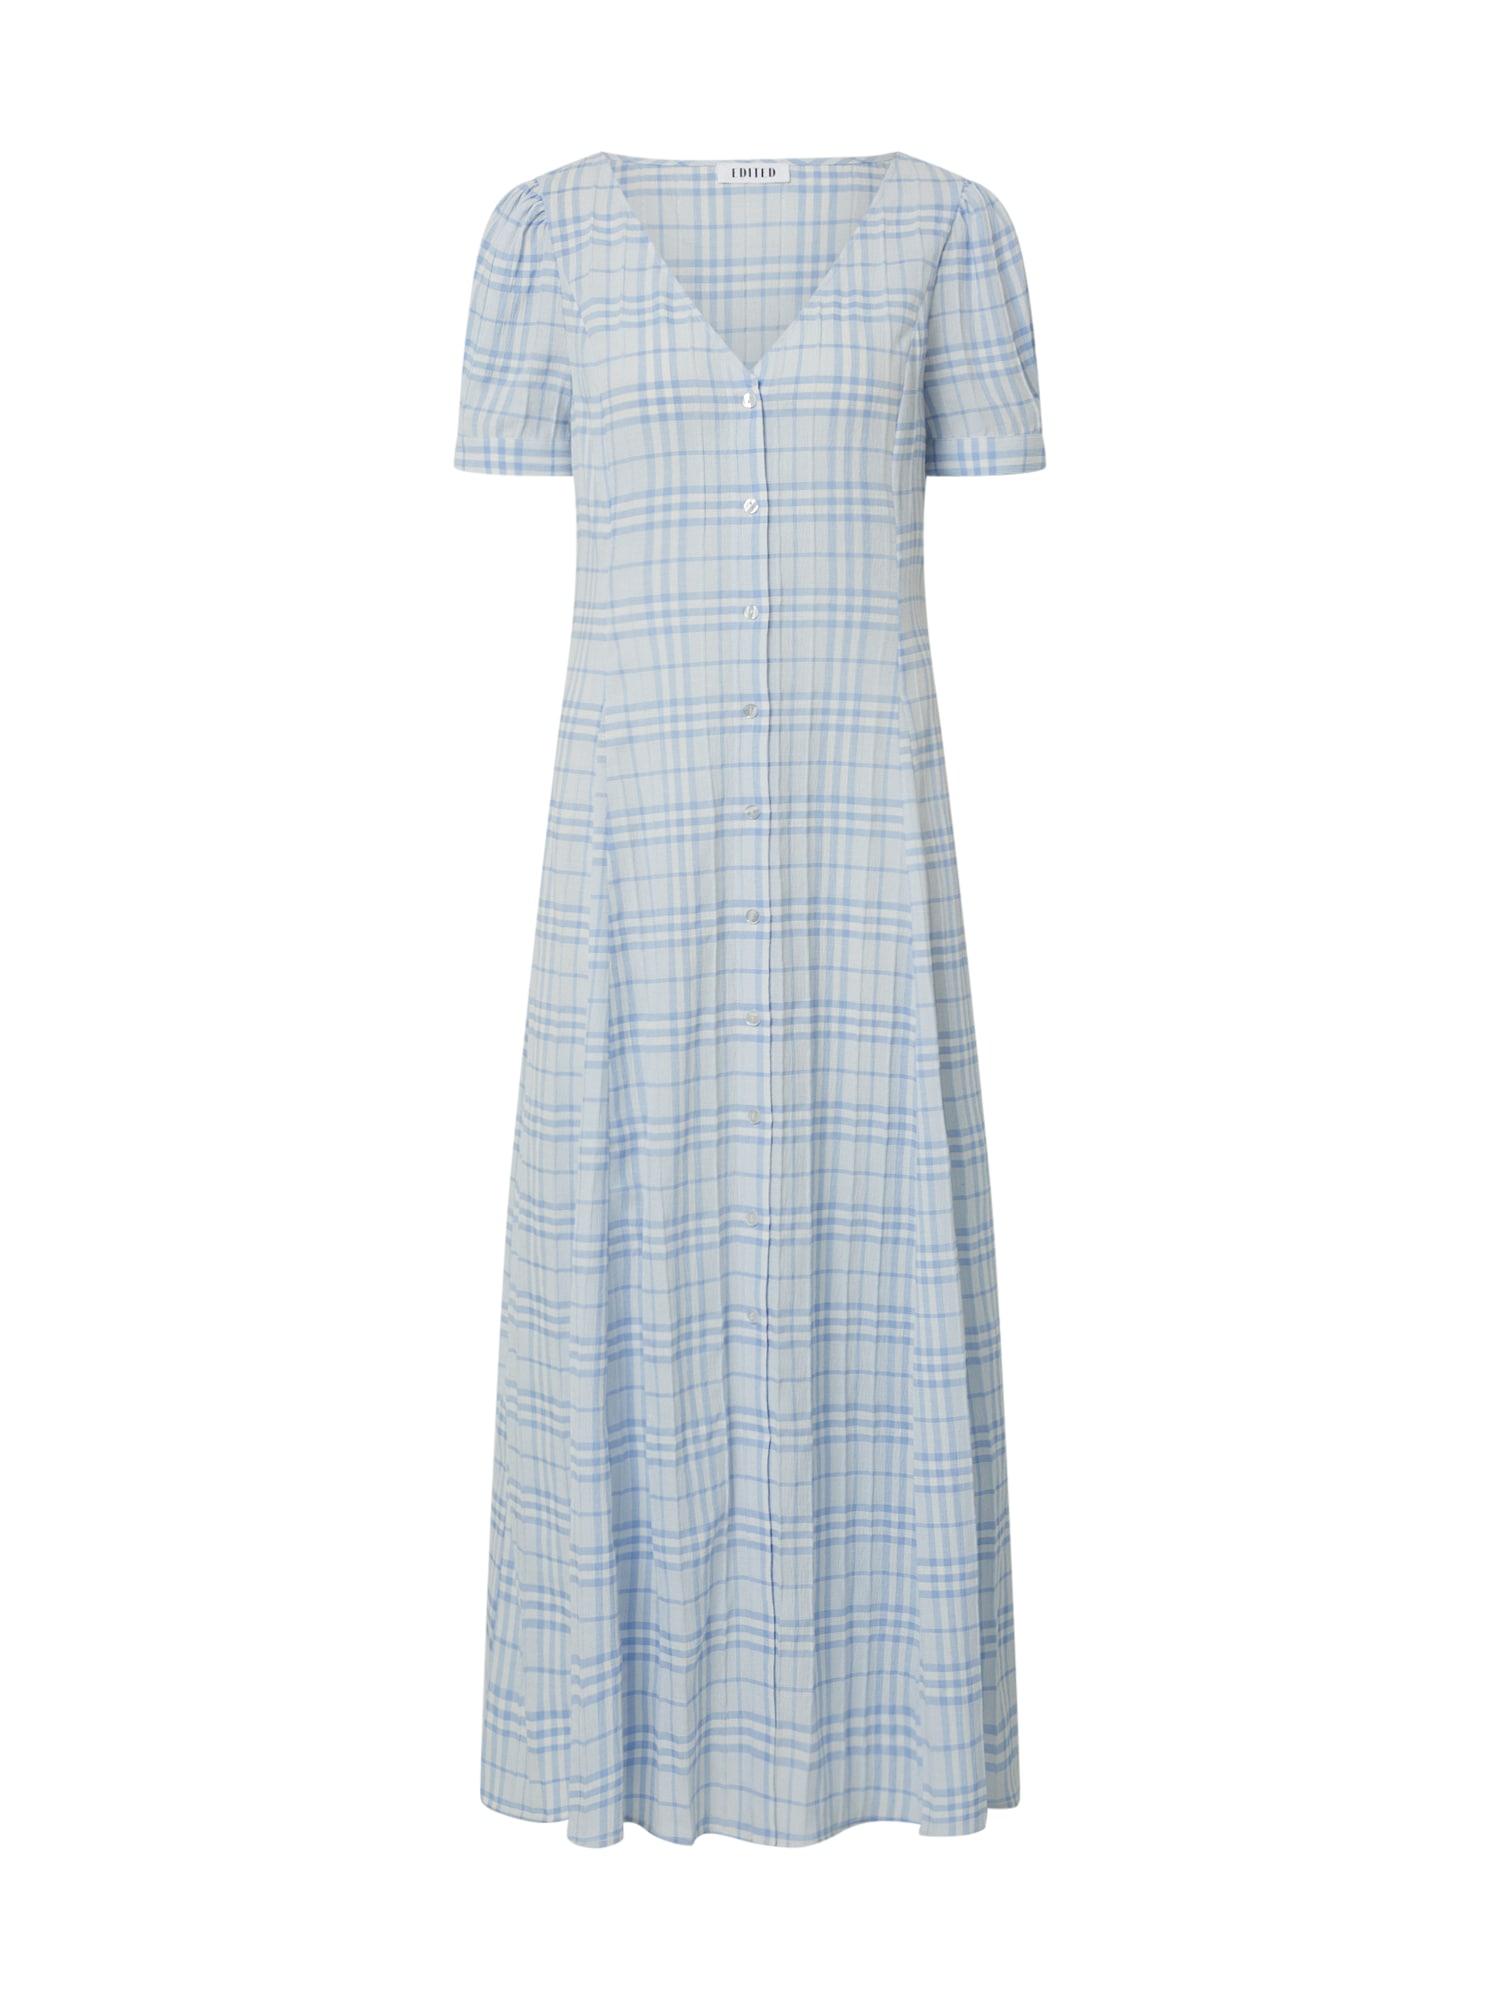 EDITED Vasarinė suknelė 'Karla' šviesiai mėlyna